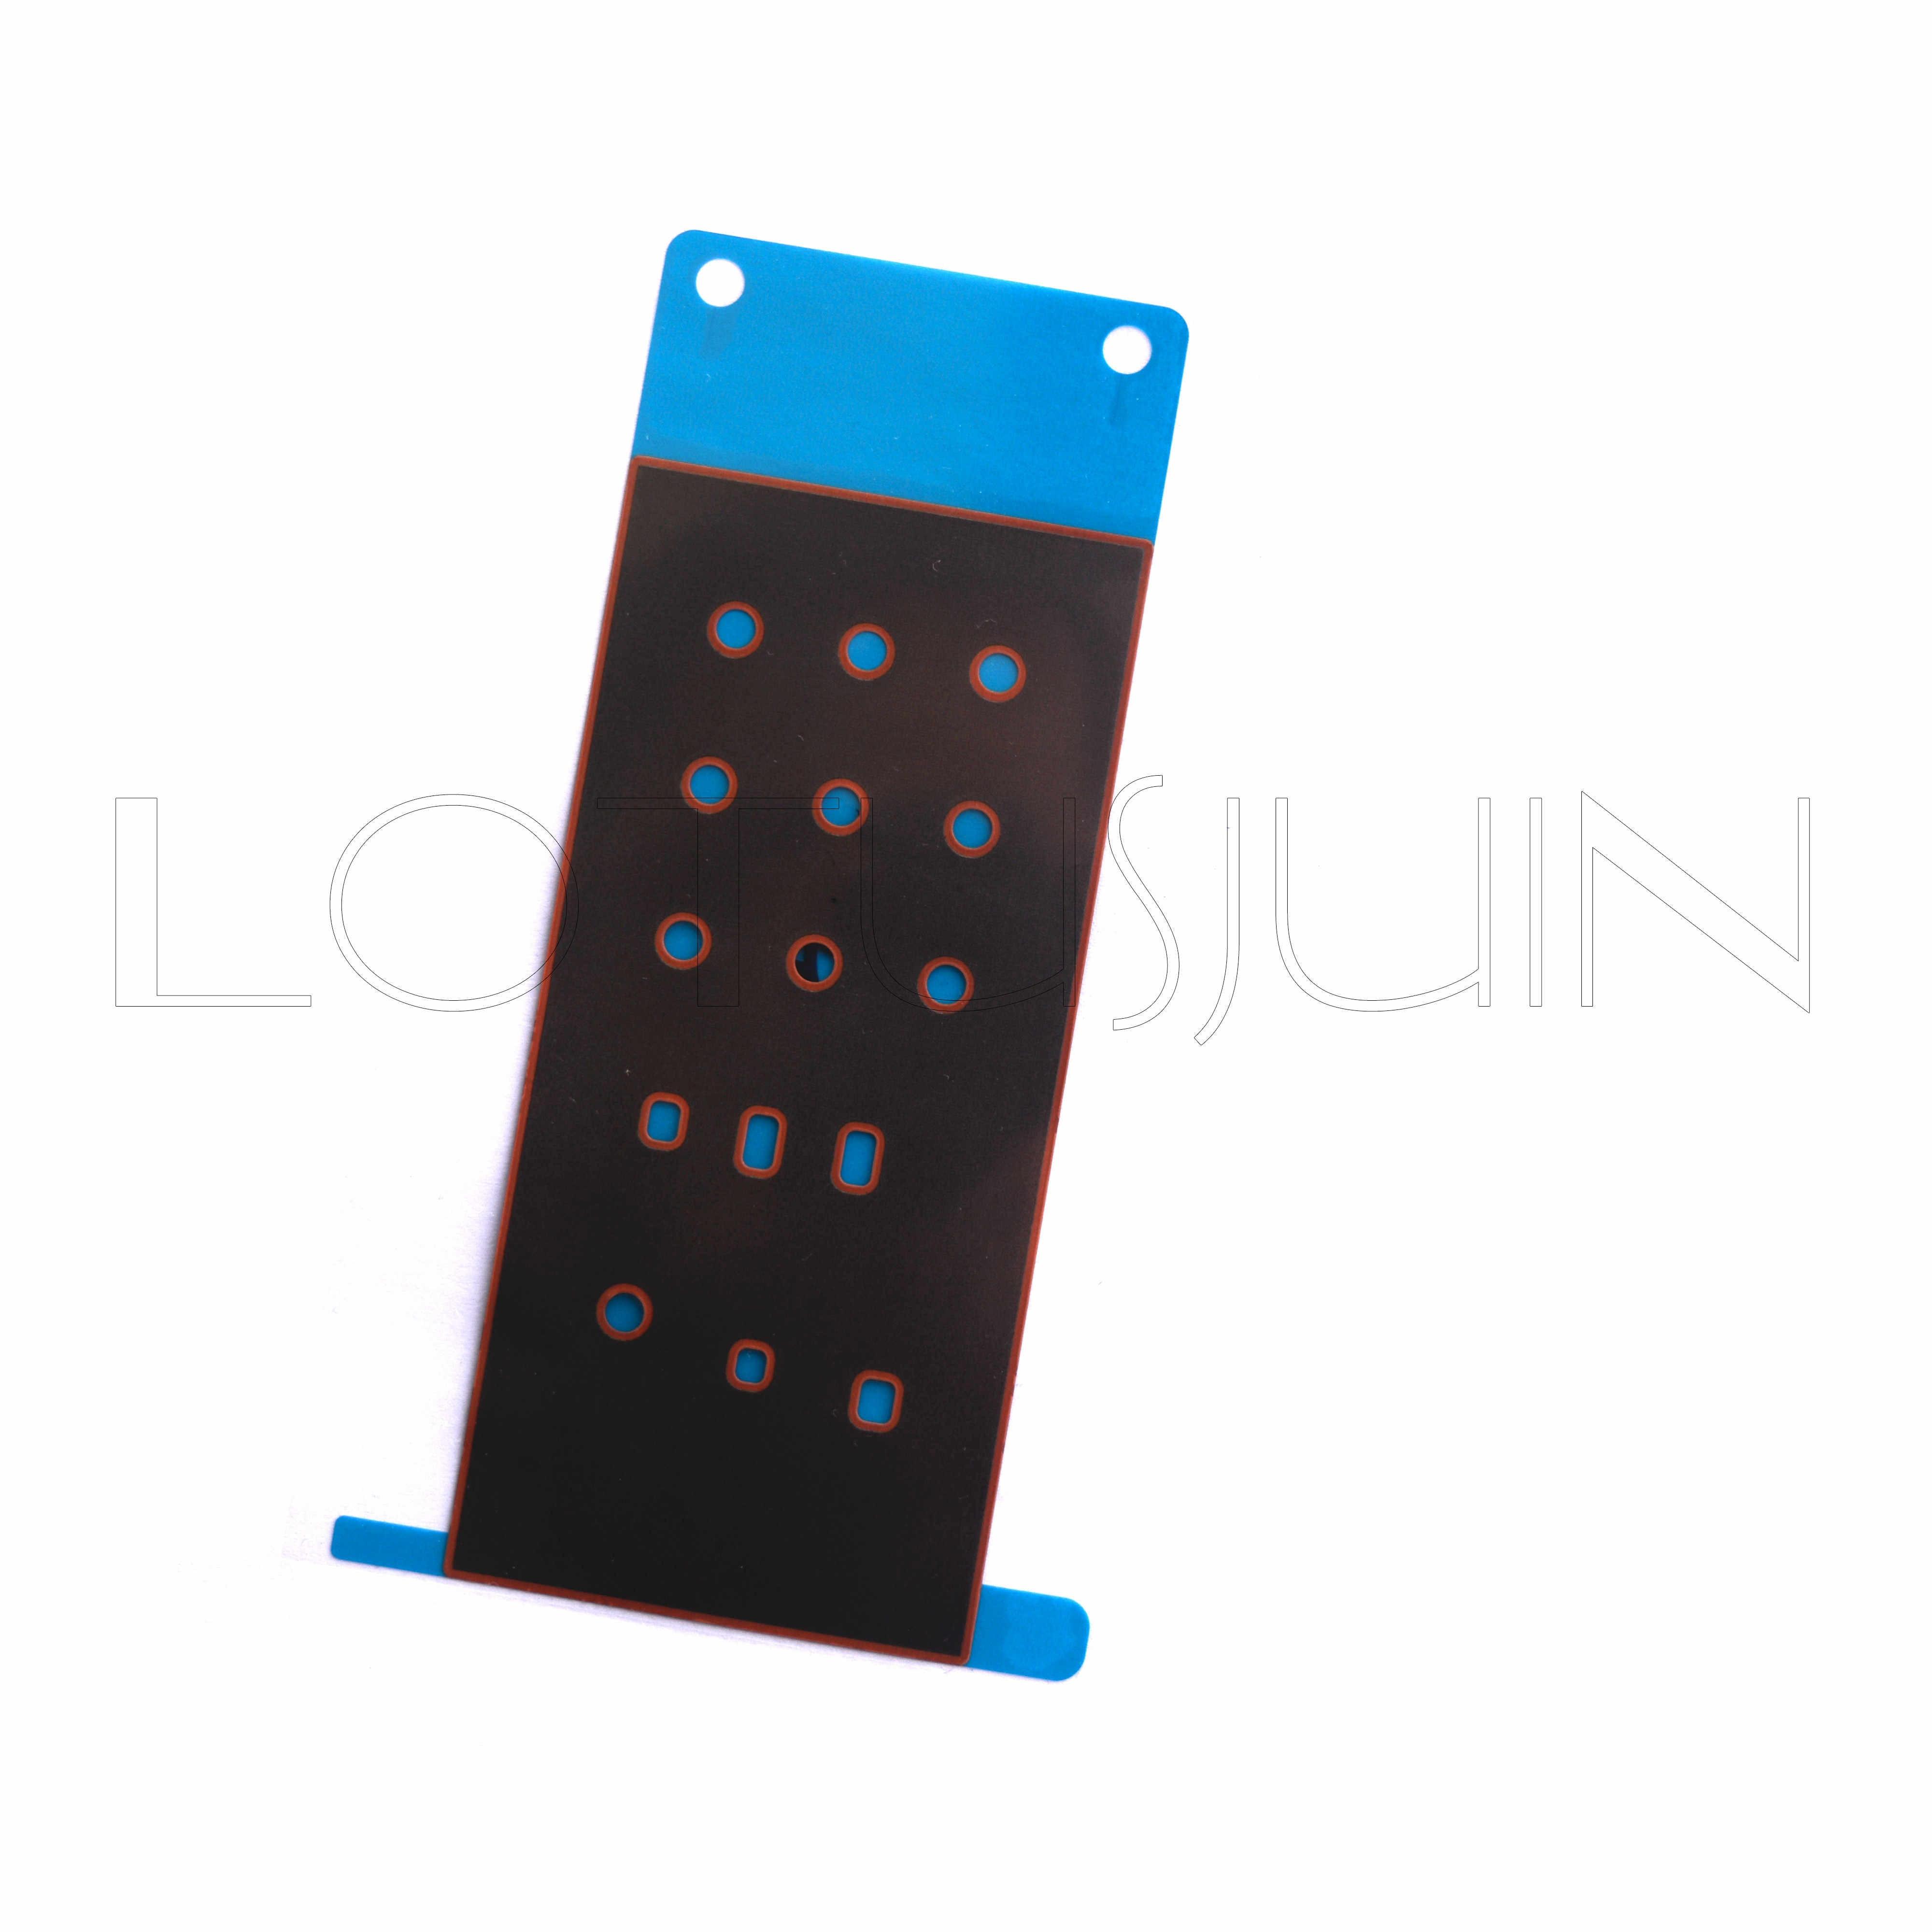 10 pièces De Remplacement Colle Adhésive Autocollant Bande Pour Samsung Galaxy J3 J5 J7 2017 Pro/J330 J530 J730 Écran LCD Rétro-Éclairage